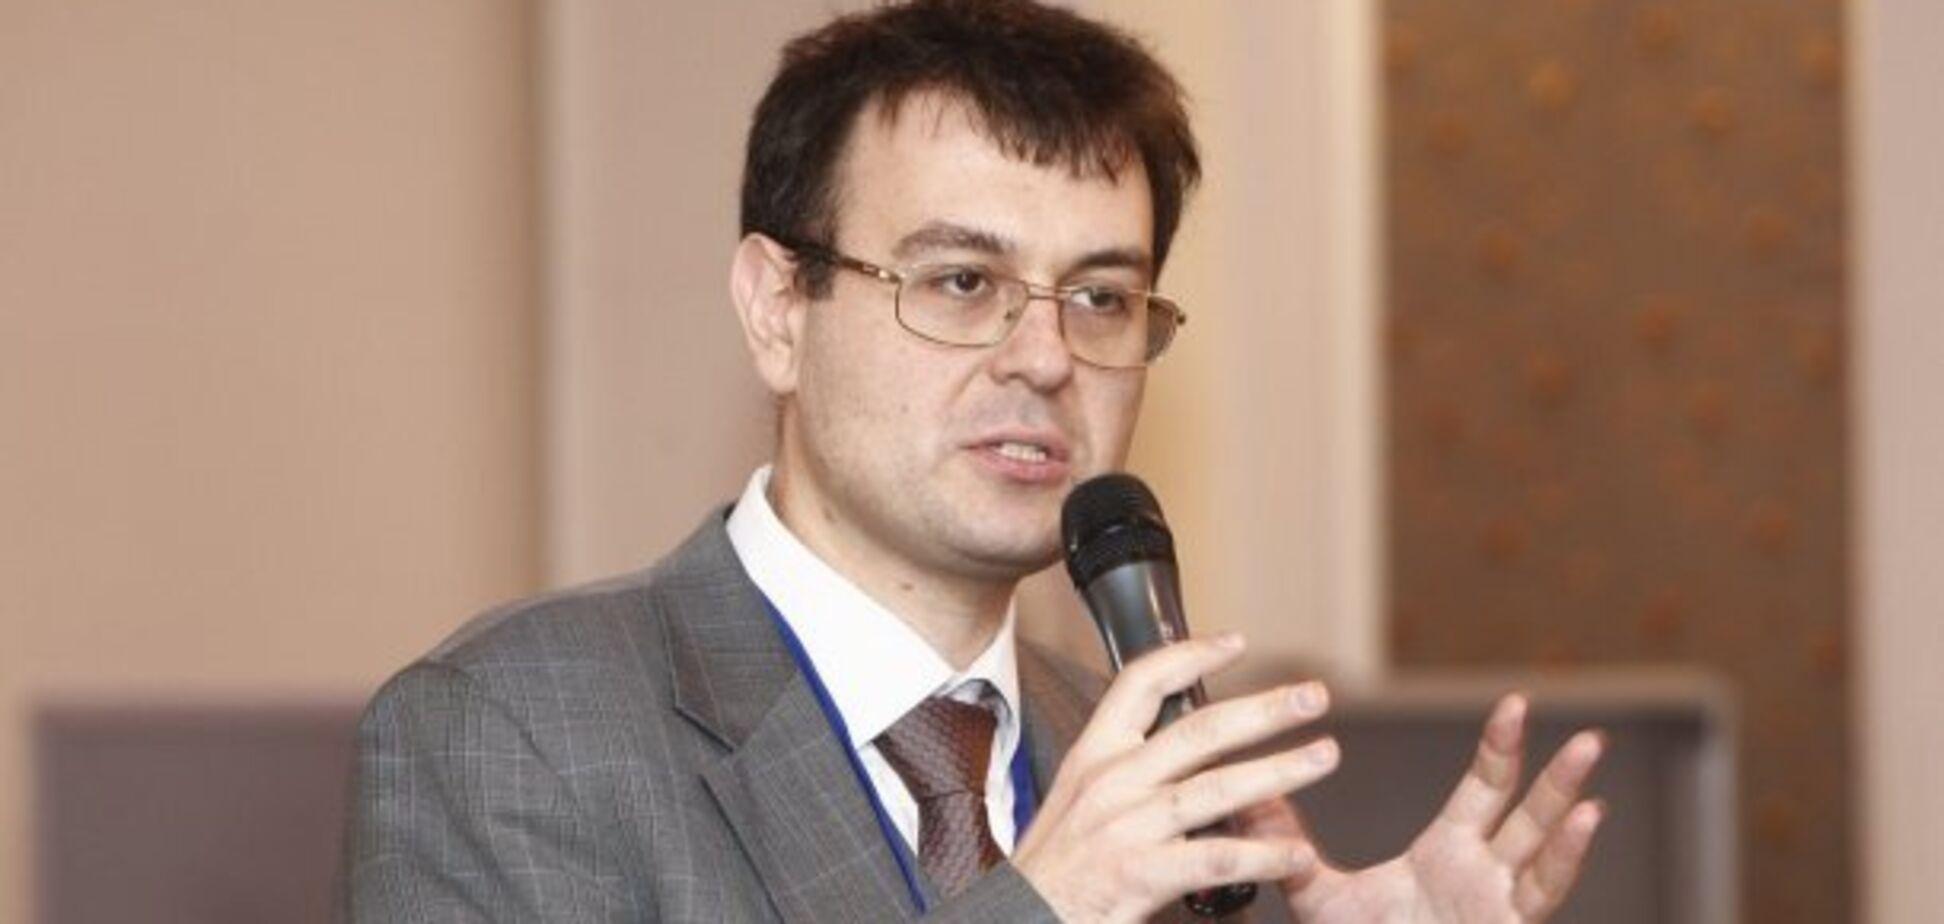 Депутат Гетманцев раніше хотів стати суддею, але провалився, сфальсифікував дані про себе